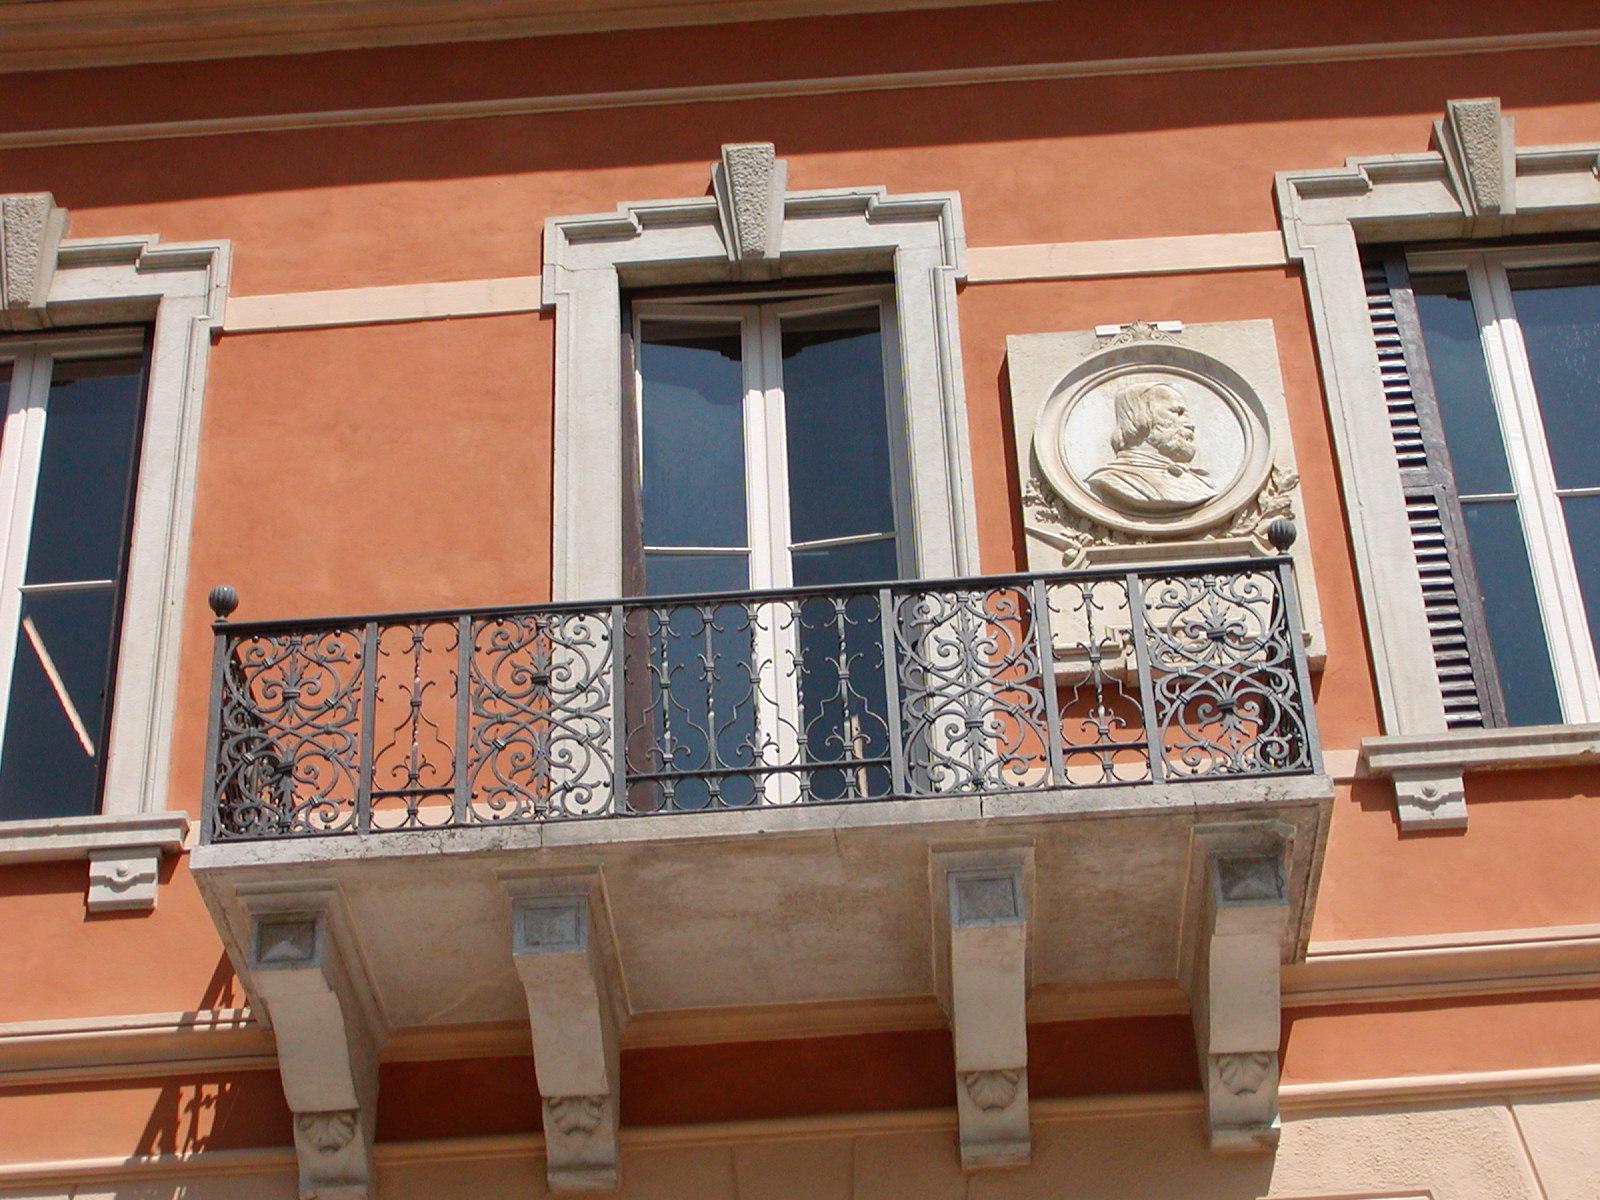 Studio-di-architettura-Baisotti-Sigala-prgetti187